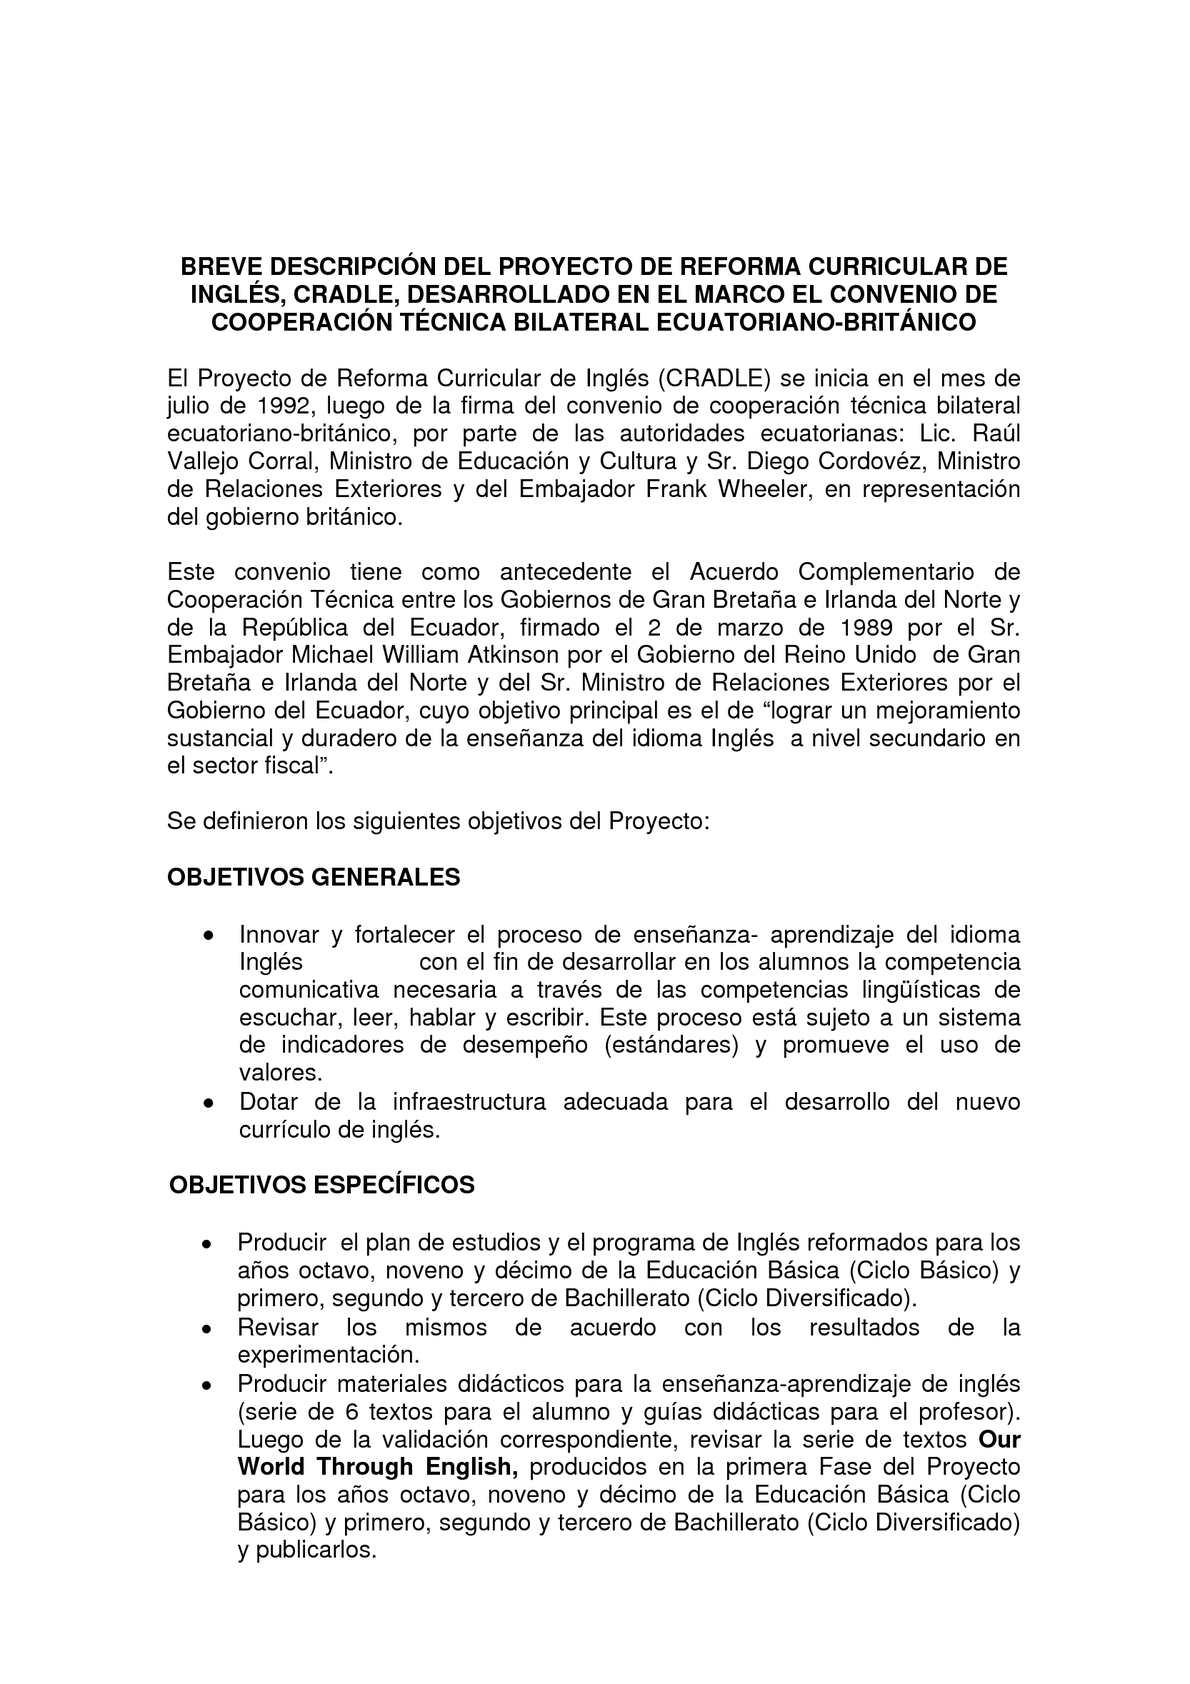 Calaméo - Descripcion-Proyecto-Reforma-Inglés